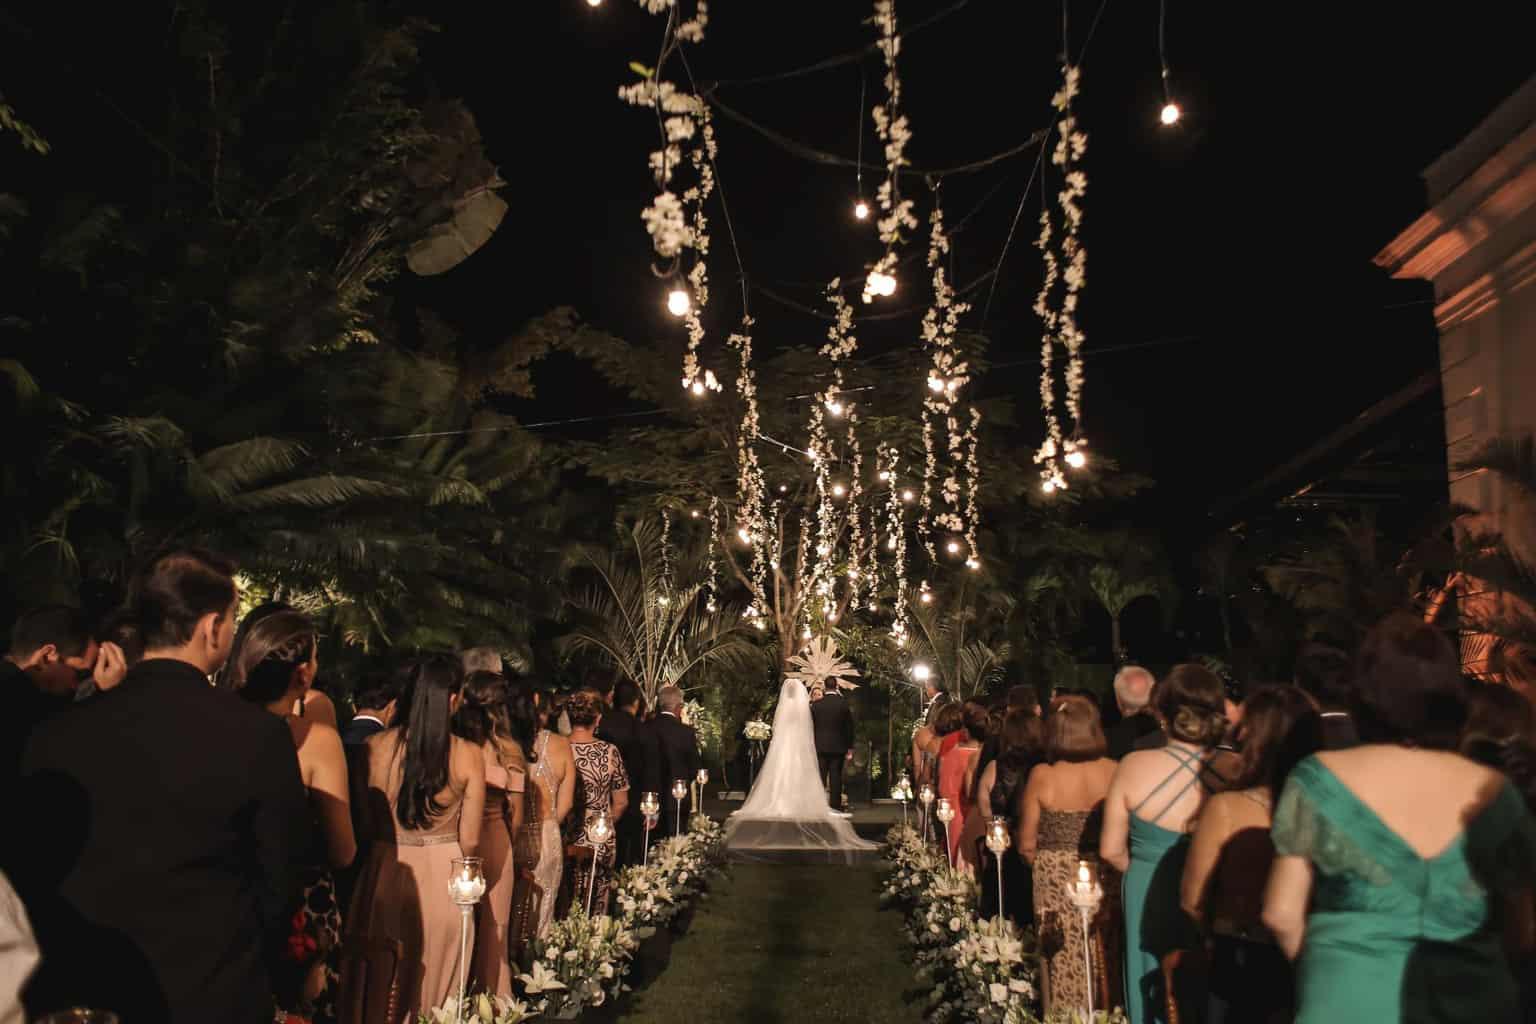 casamento-Juliana-e-Eduardo-cerimonia-Fotografia-Ricardo-Nascimento-e-Thereza-magno-Usina-dois-irmãos58